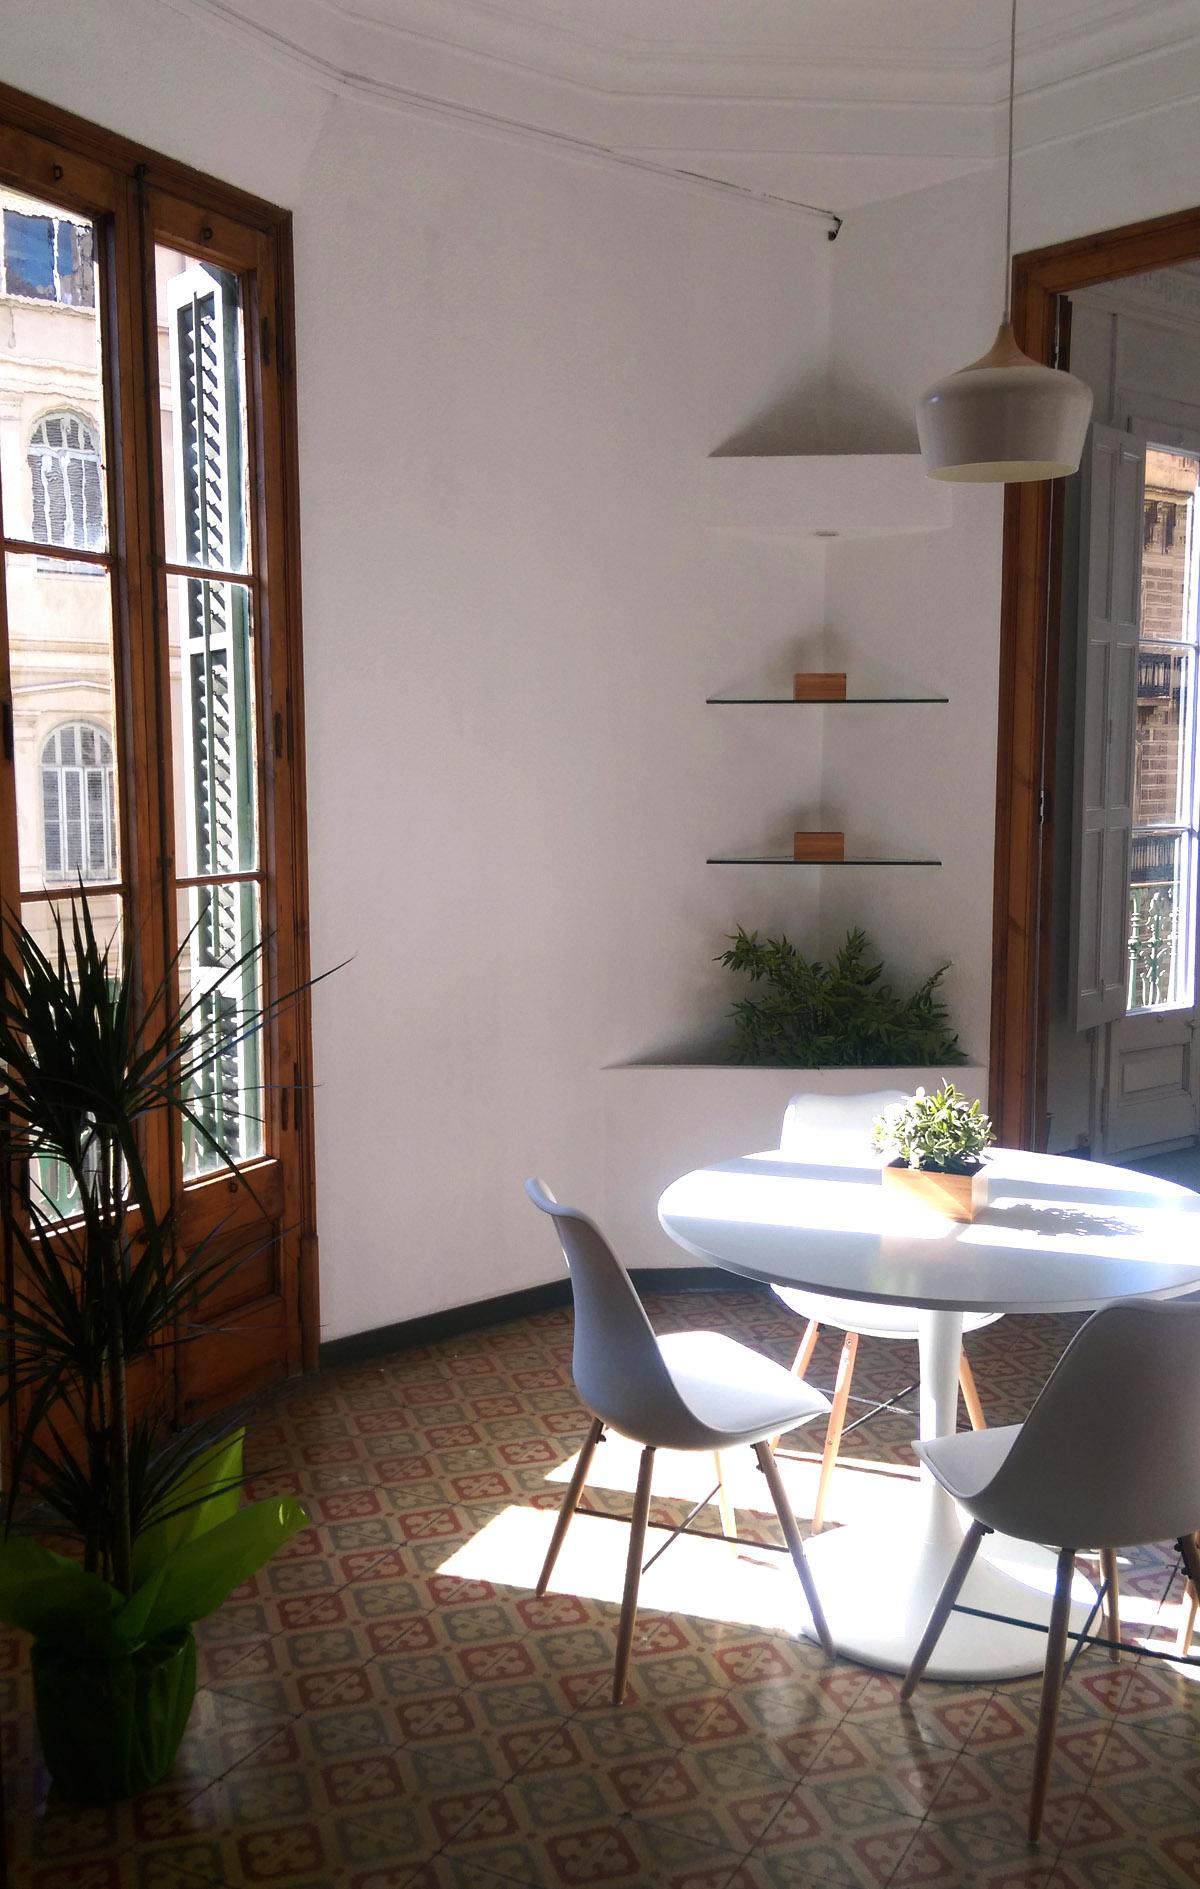 informal meeting room